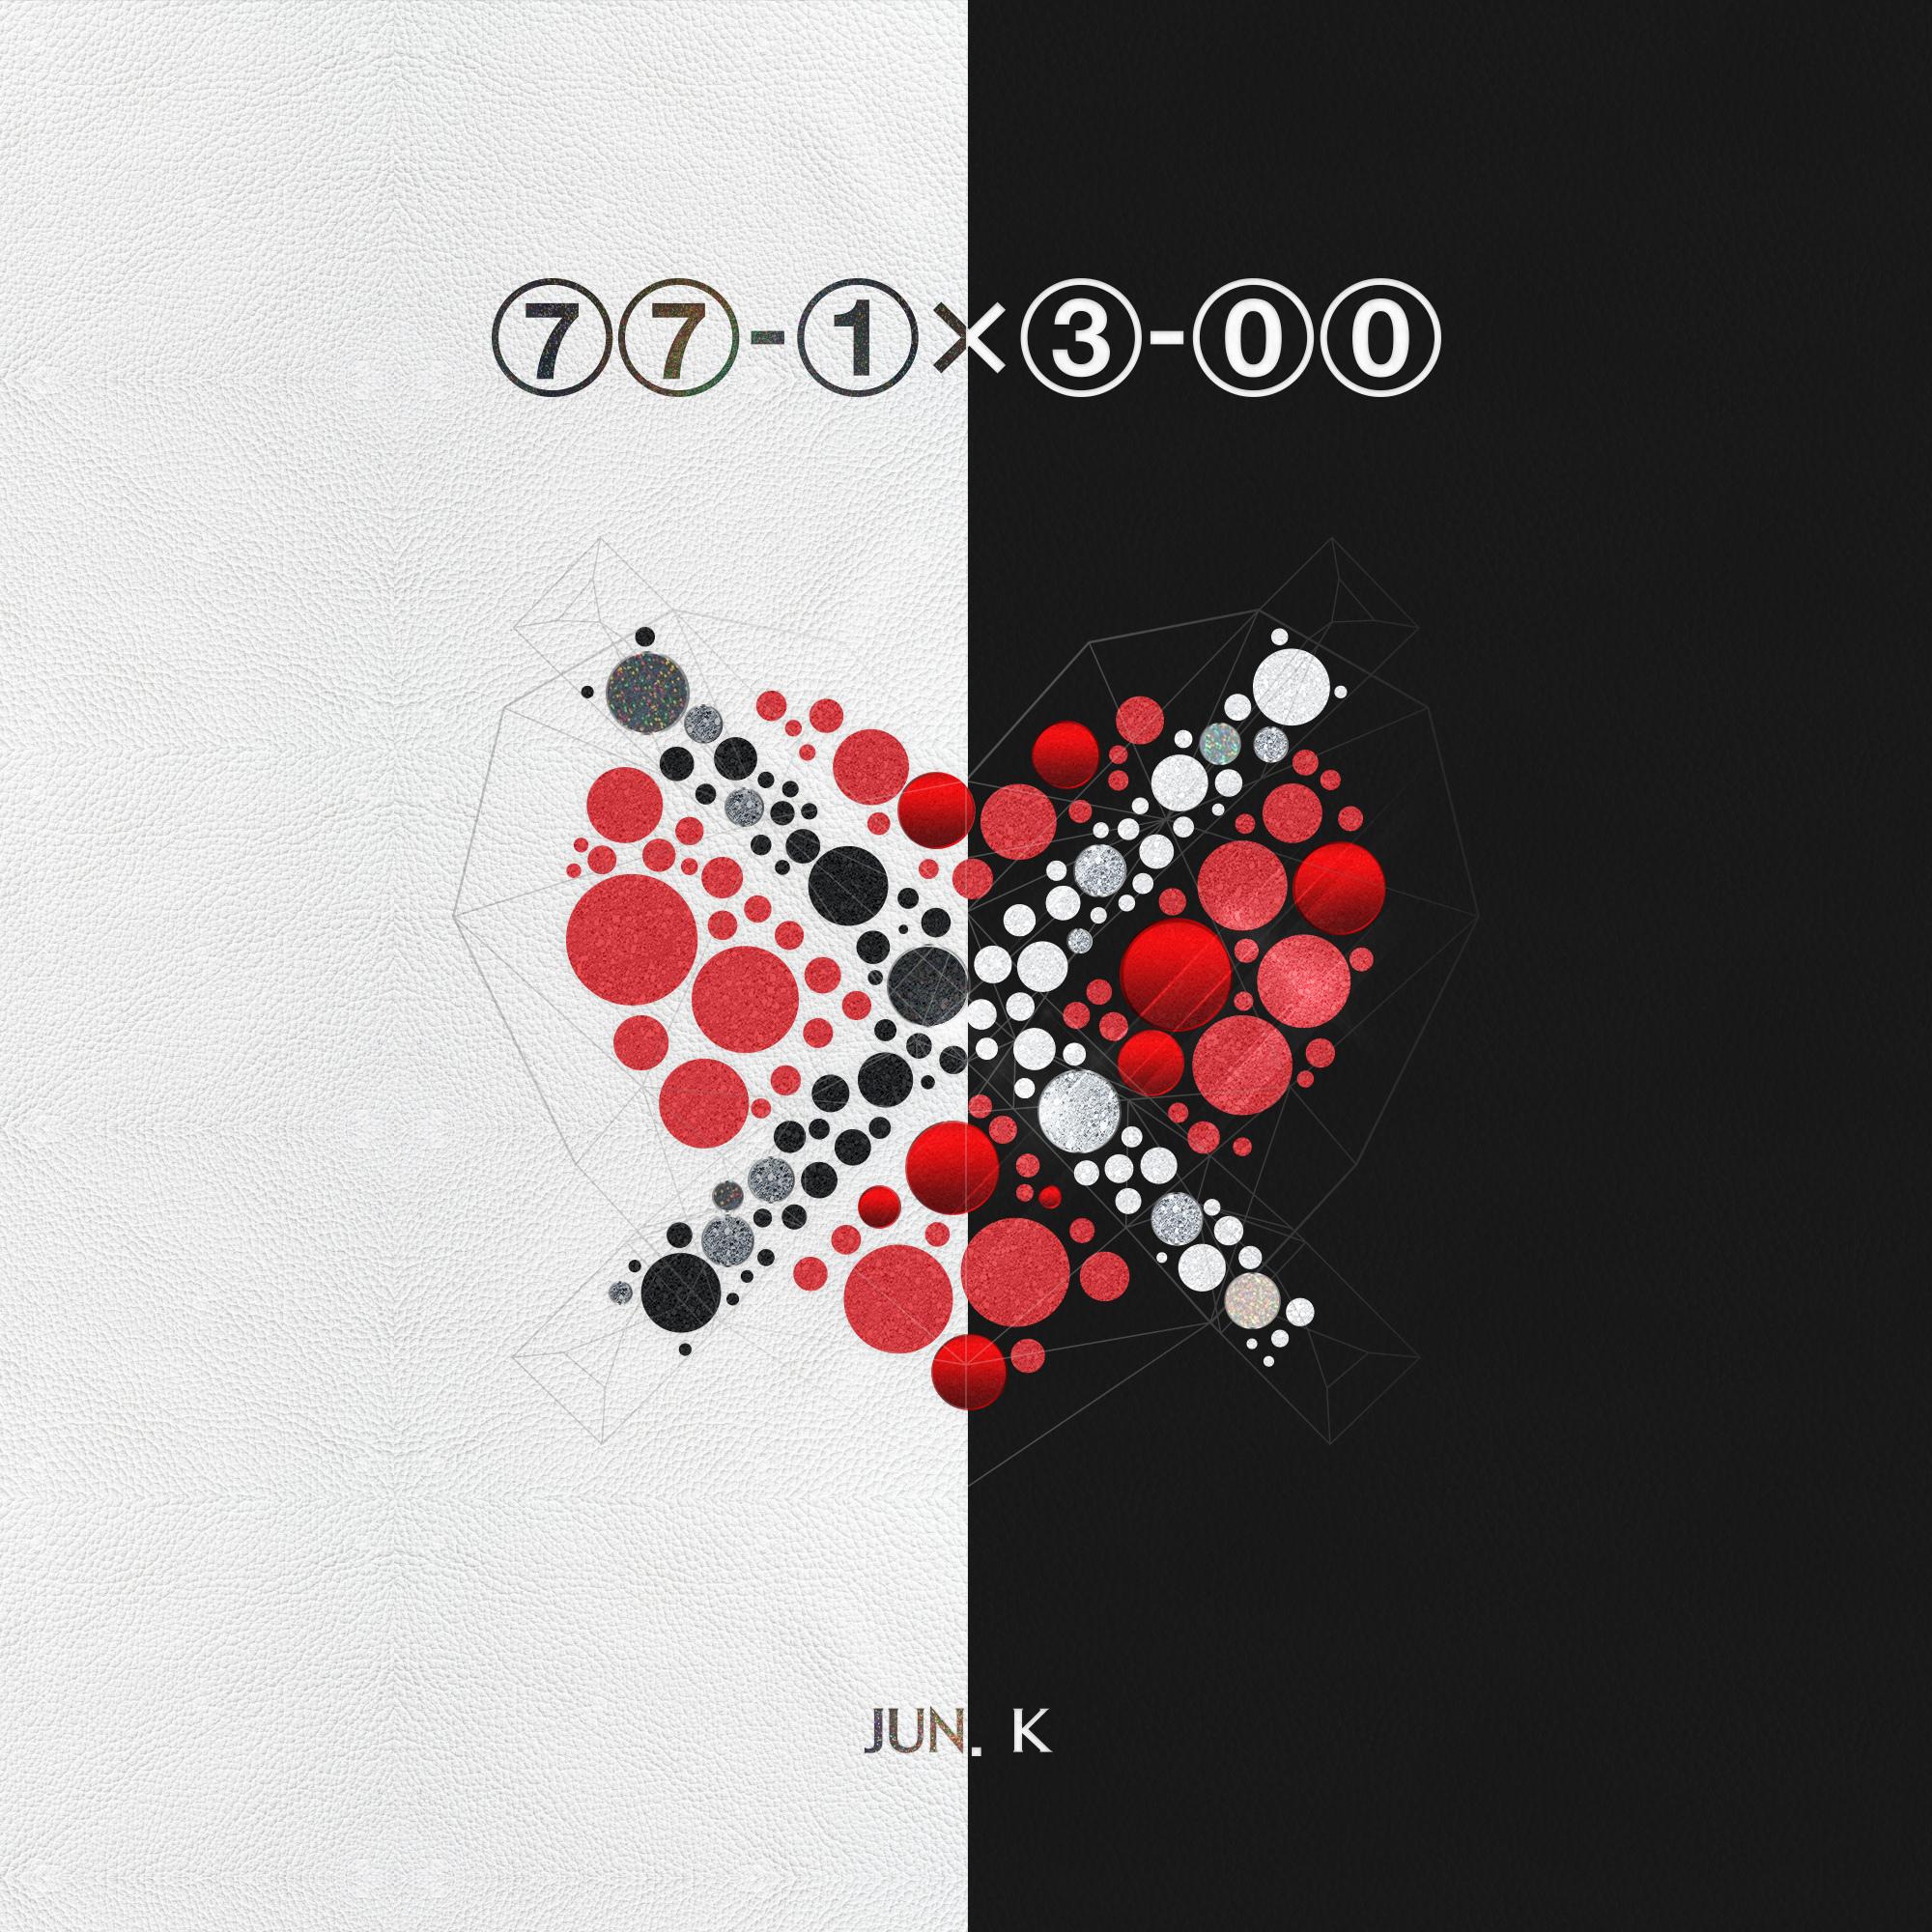 [미리듣기] 준케이(JUN. K) - 77-1X3-00 | 인스티즈